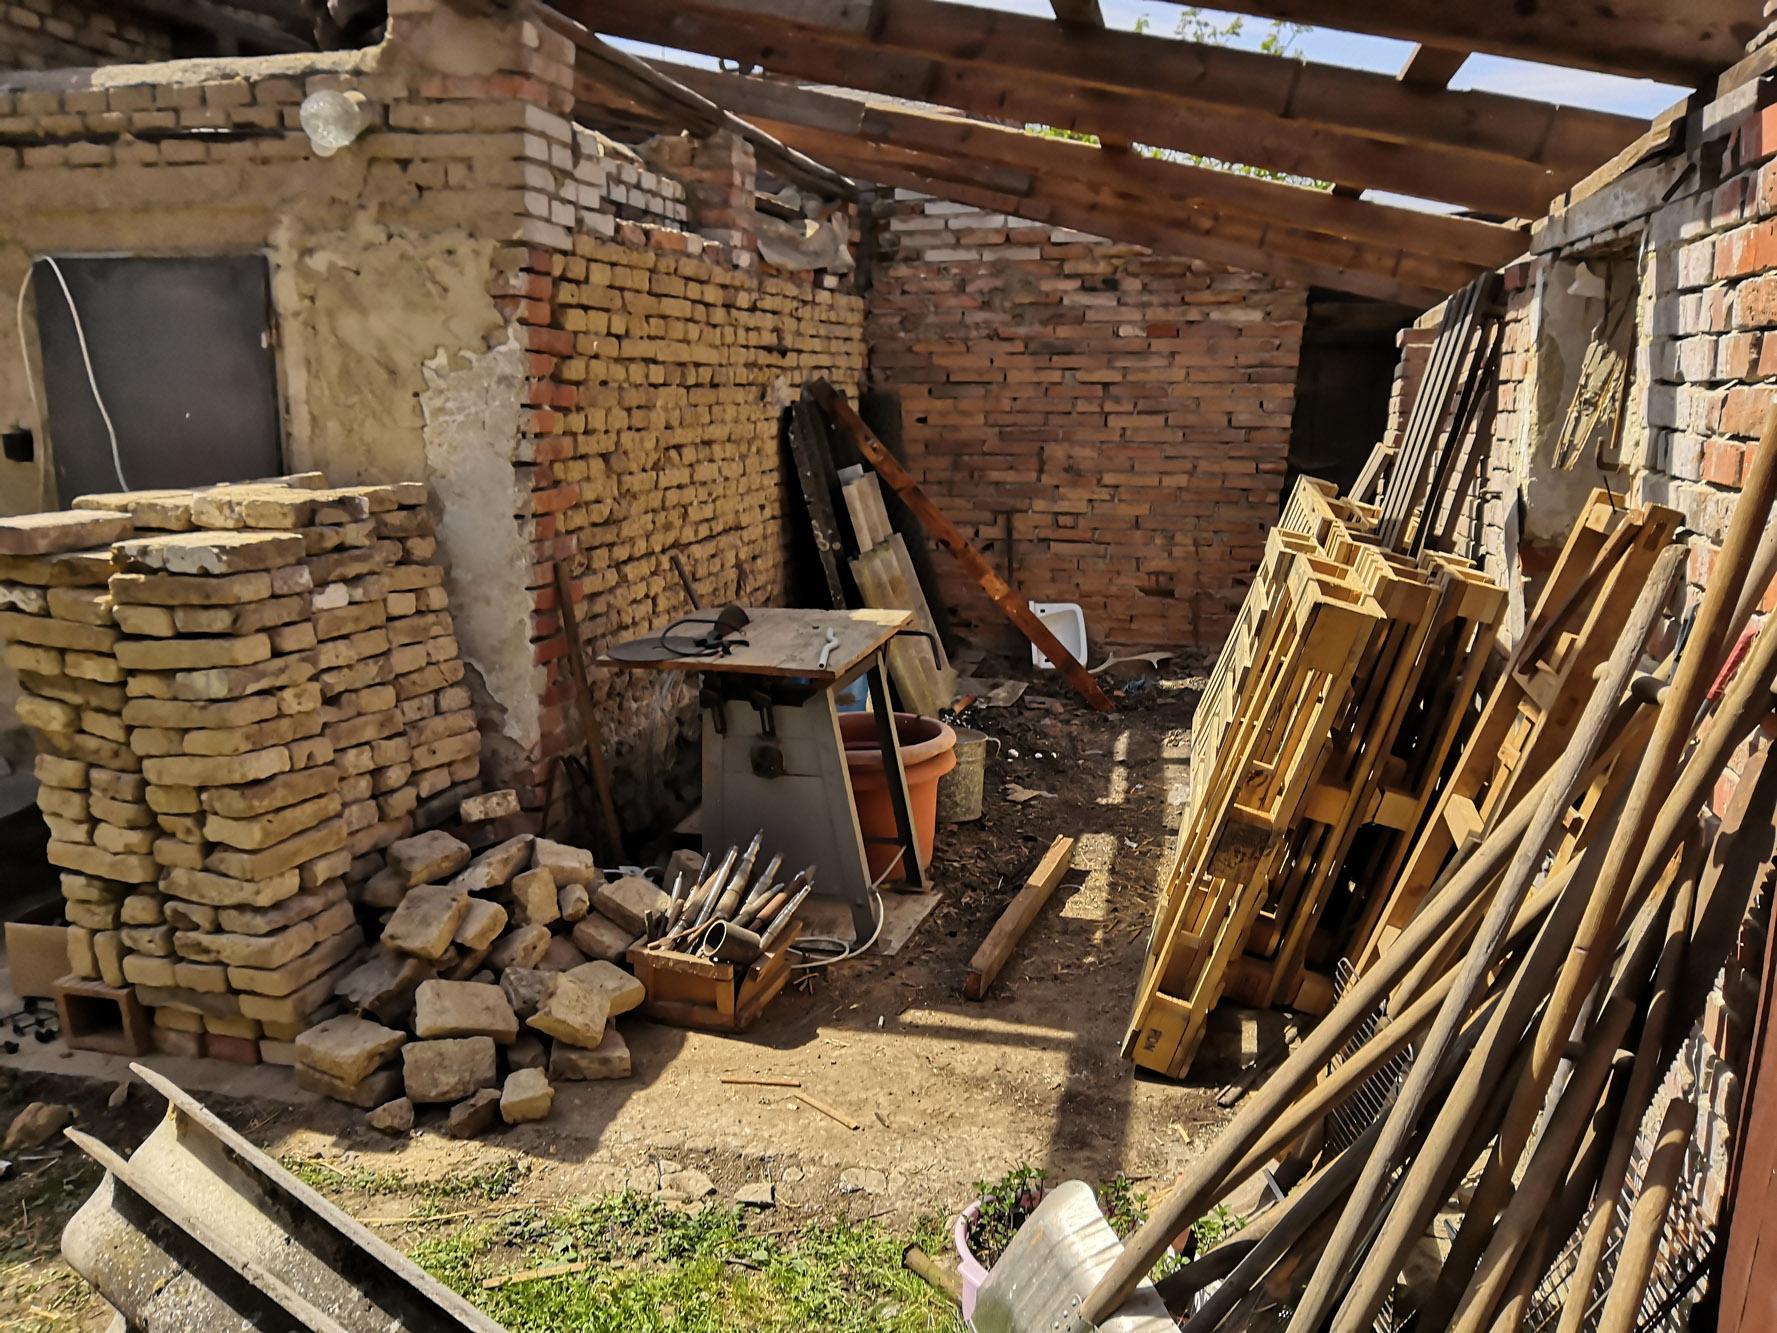 Bourání staré a stavba nové řadovky - Obrázek č. 13